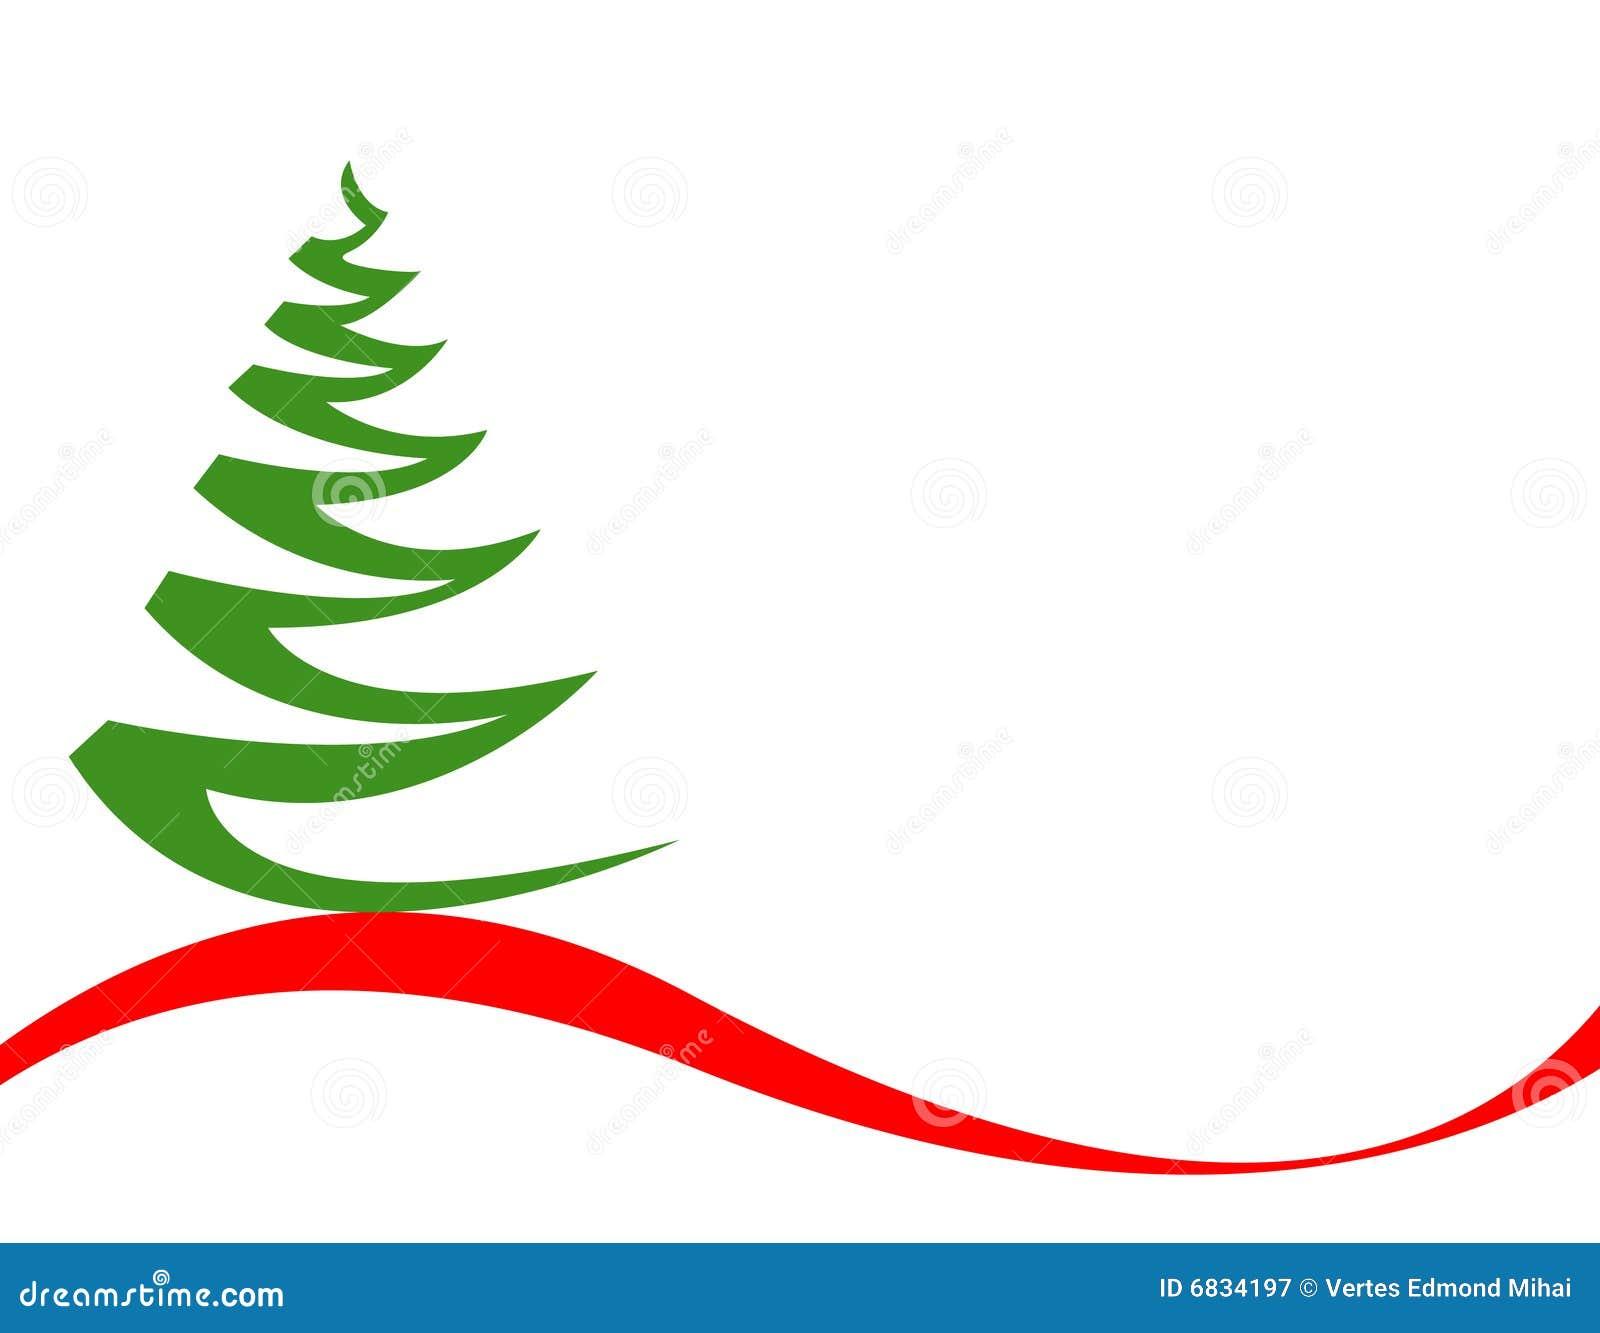 Balls Christmas Card Christmas Tree Card